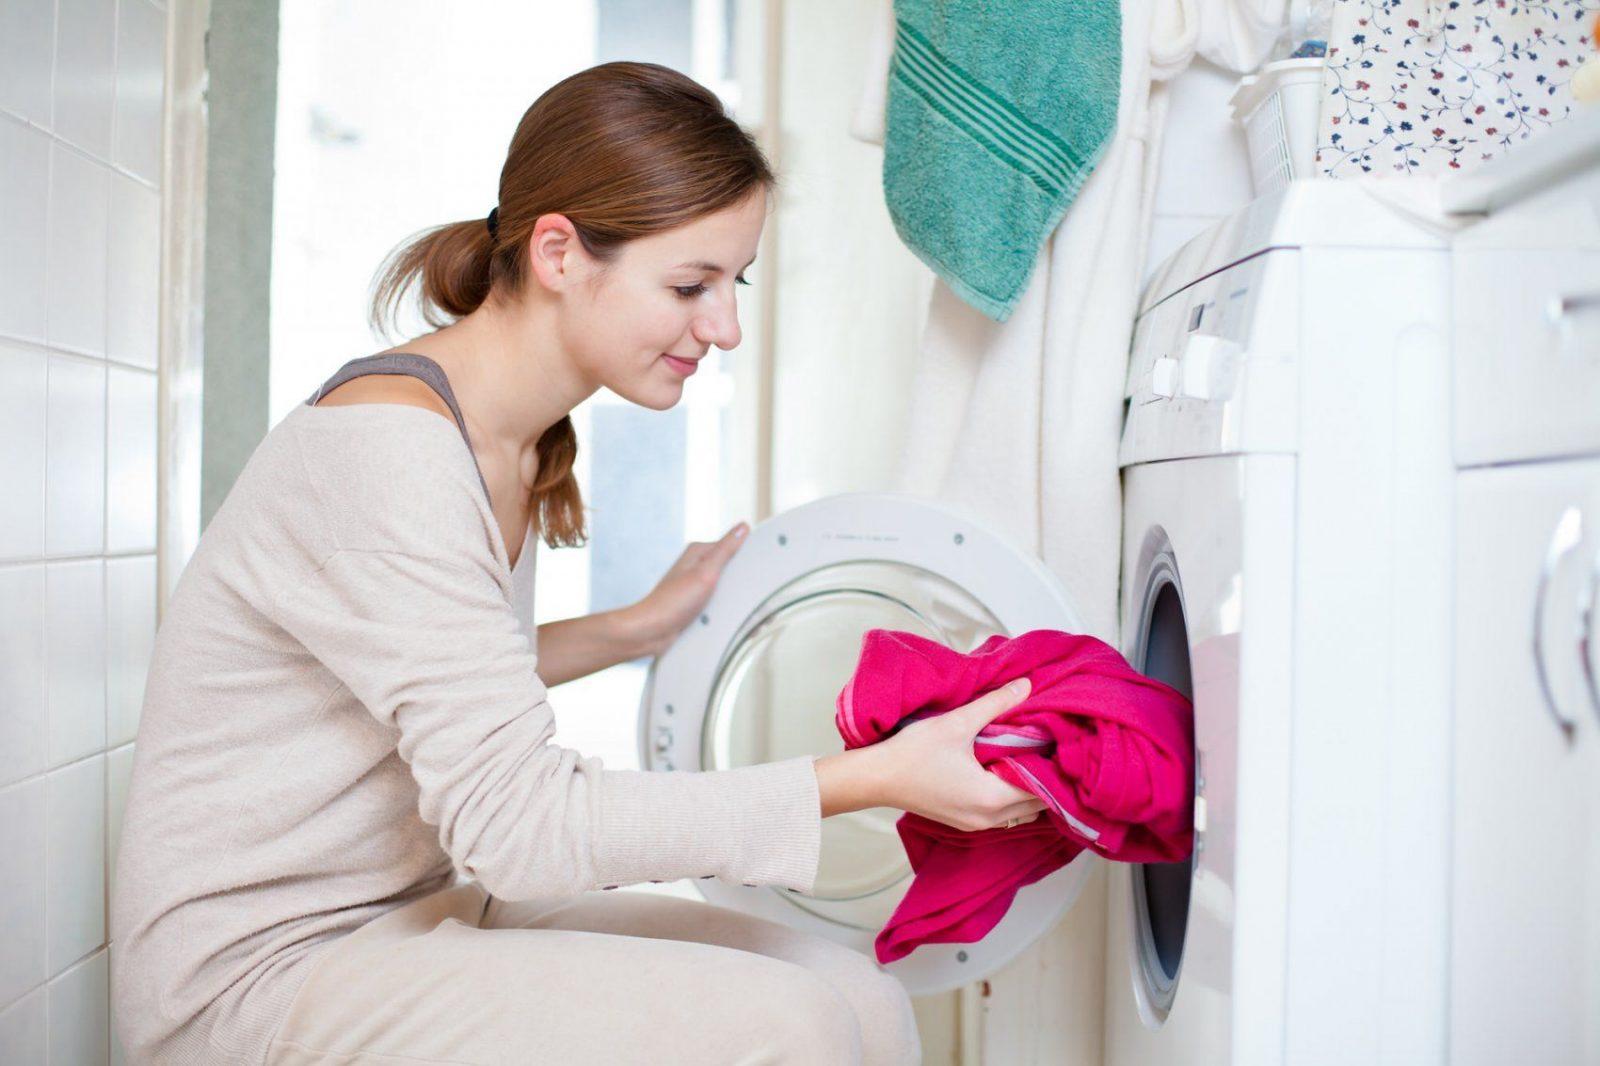 Bettwäsche Waschen – Wie Viel Grad Sind Richtig von Bettwäsche Wieviel Grad Photo